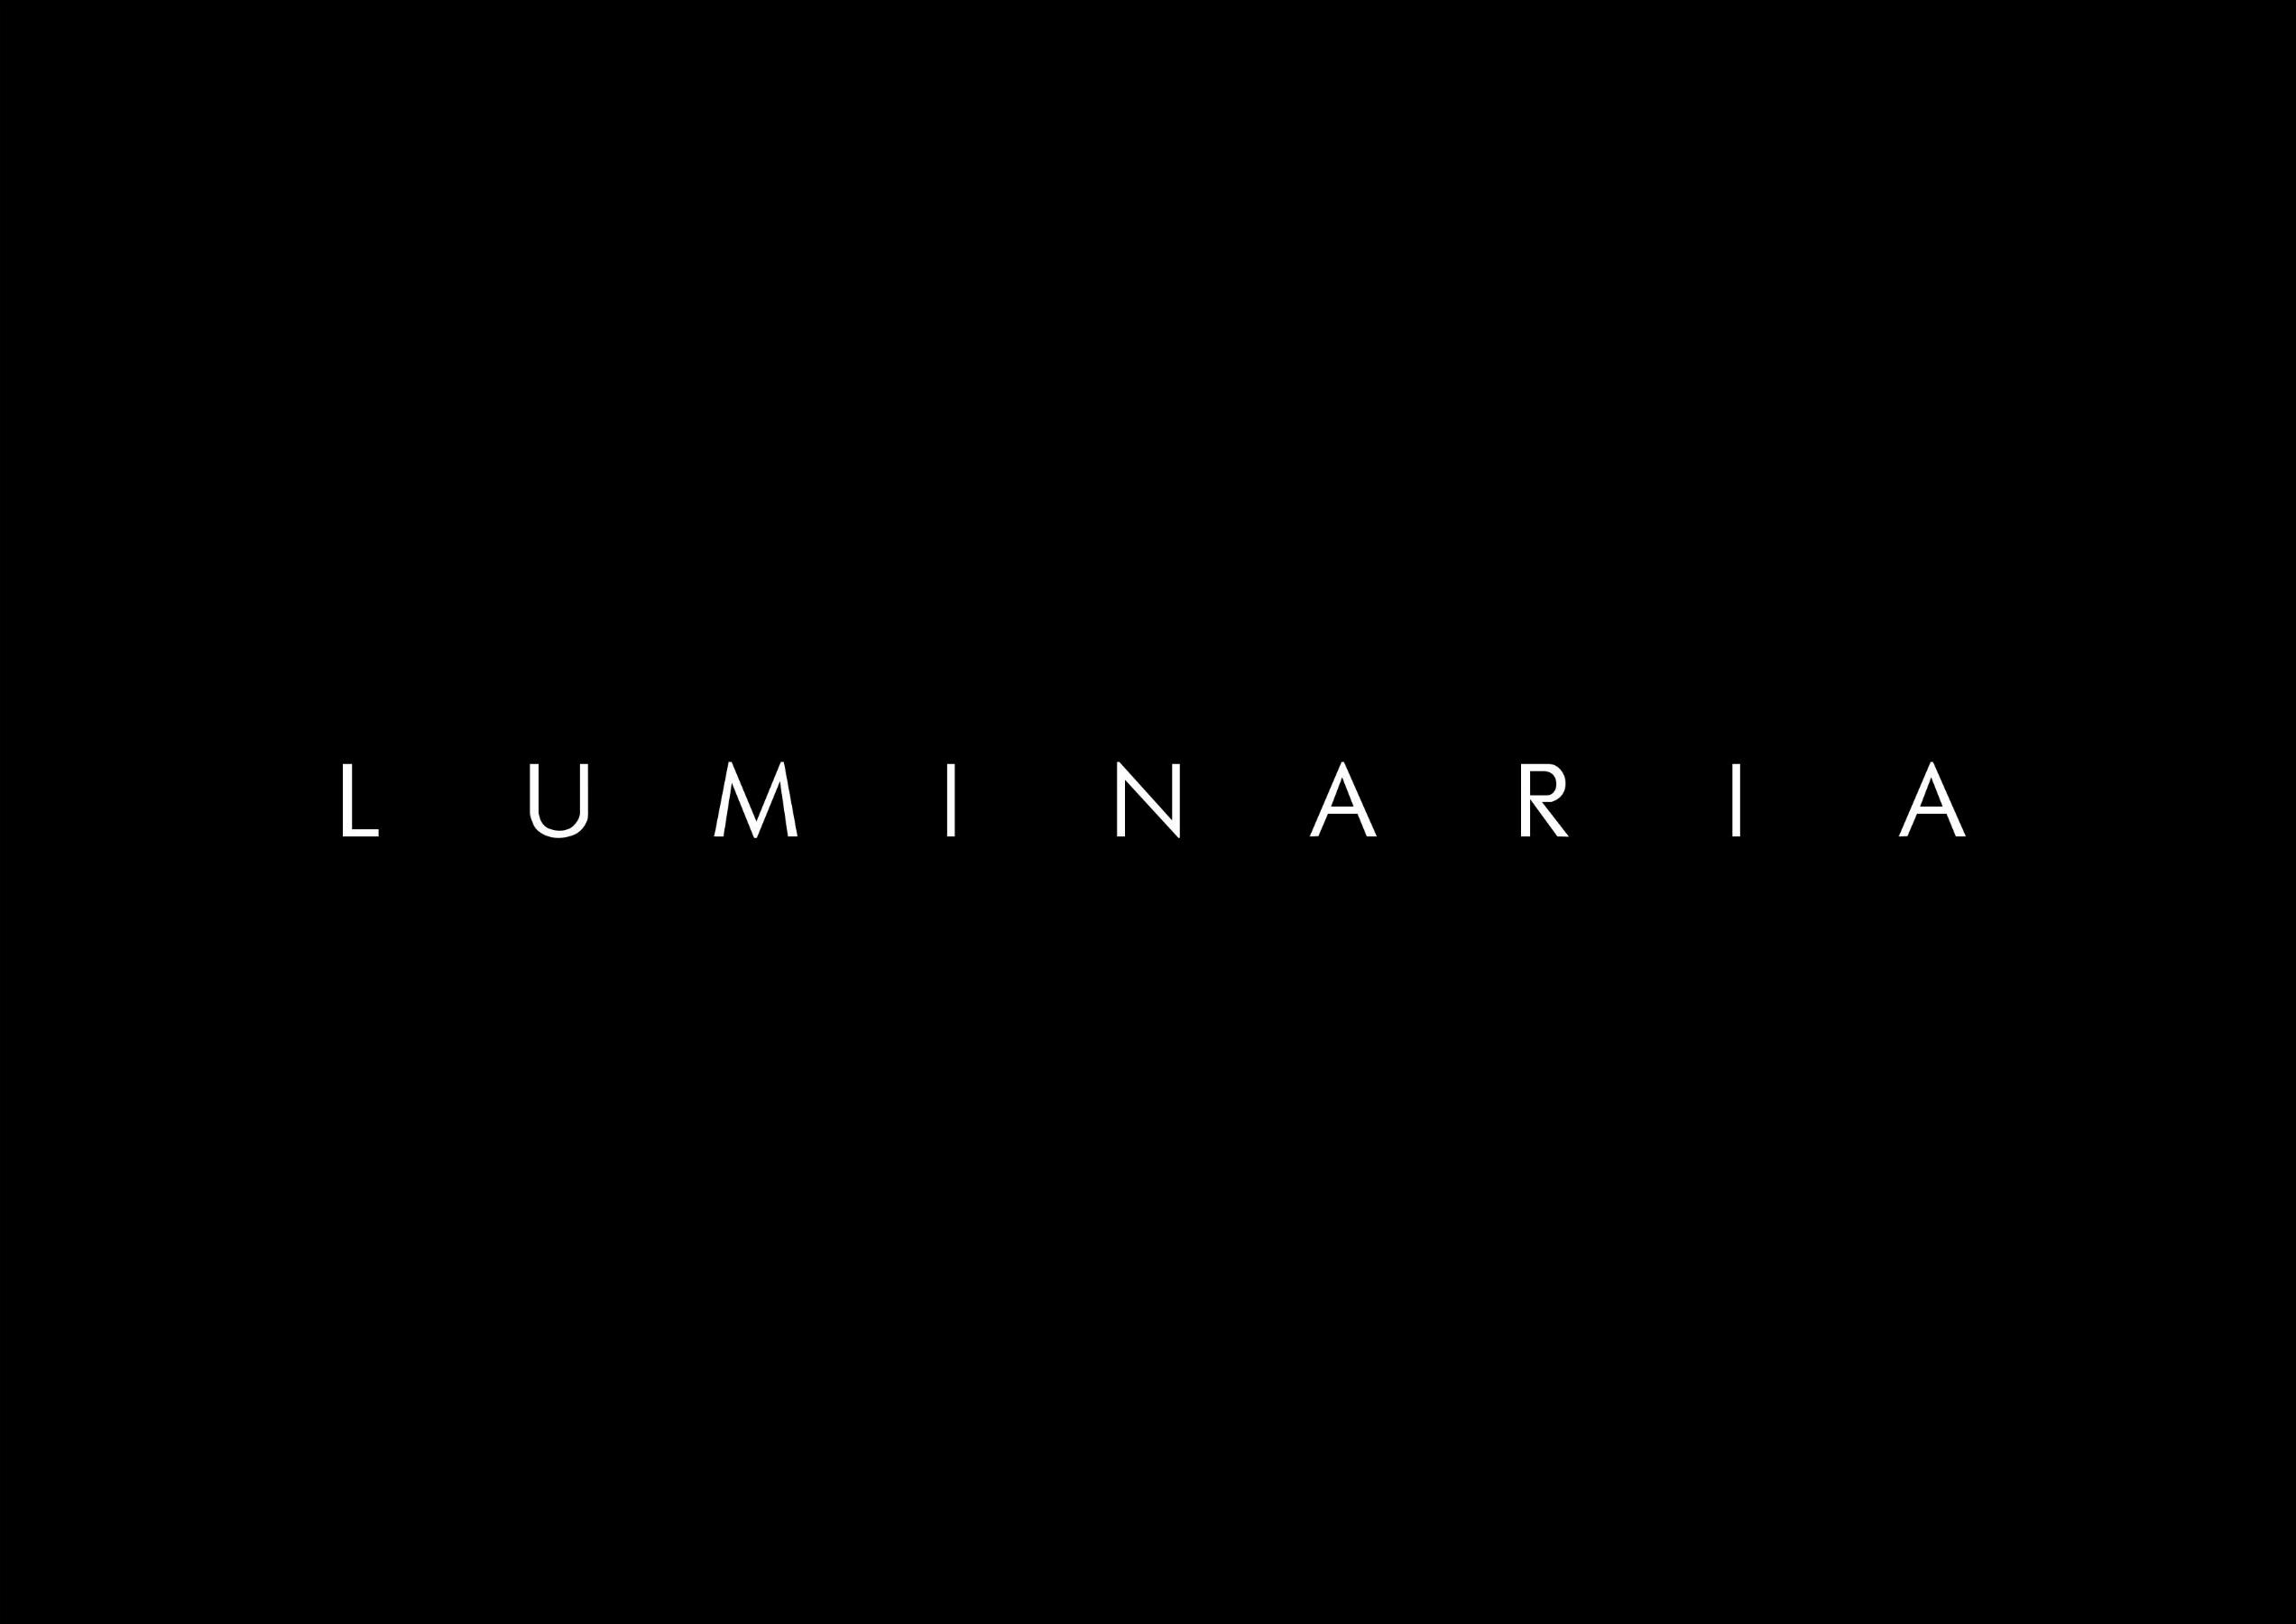 logo-luminaria-negro-2500x1800